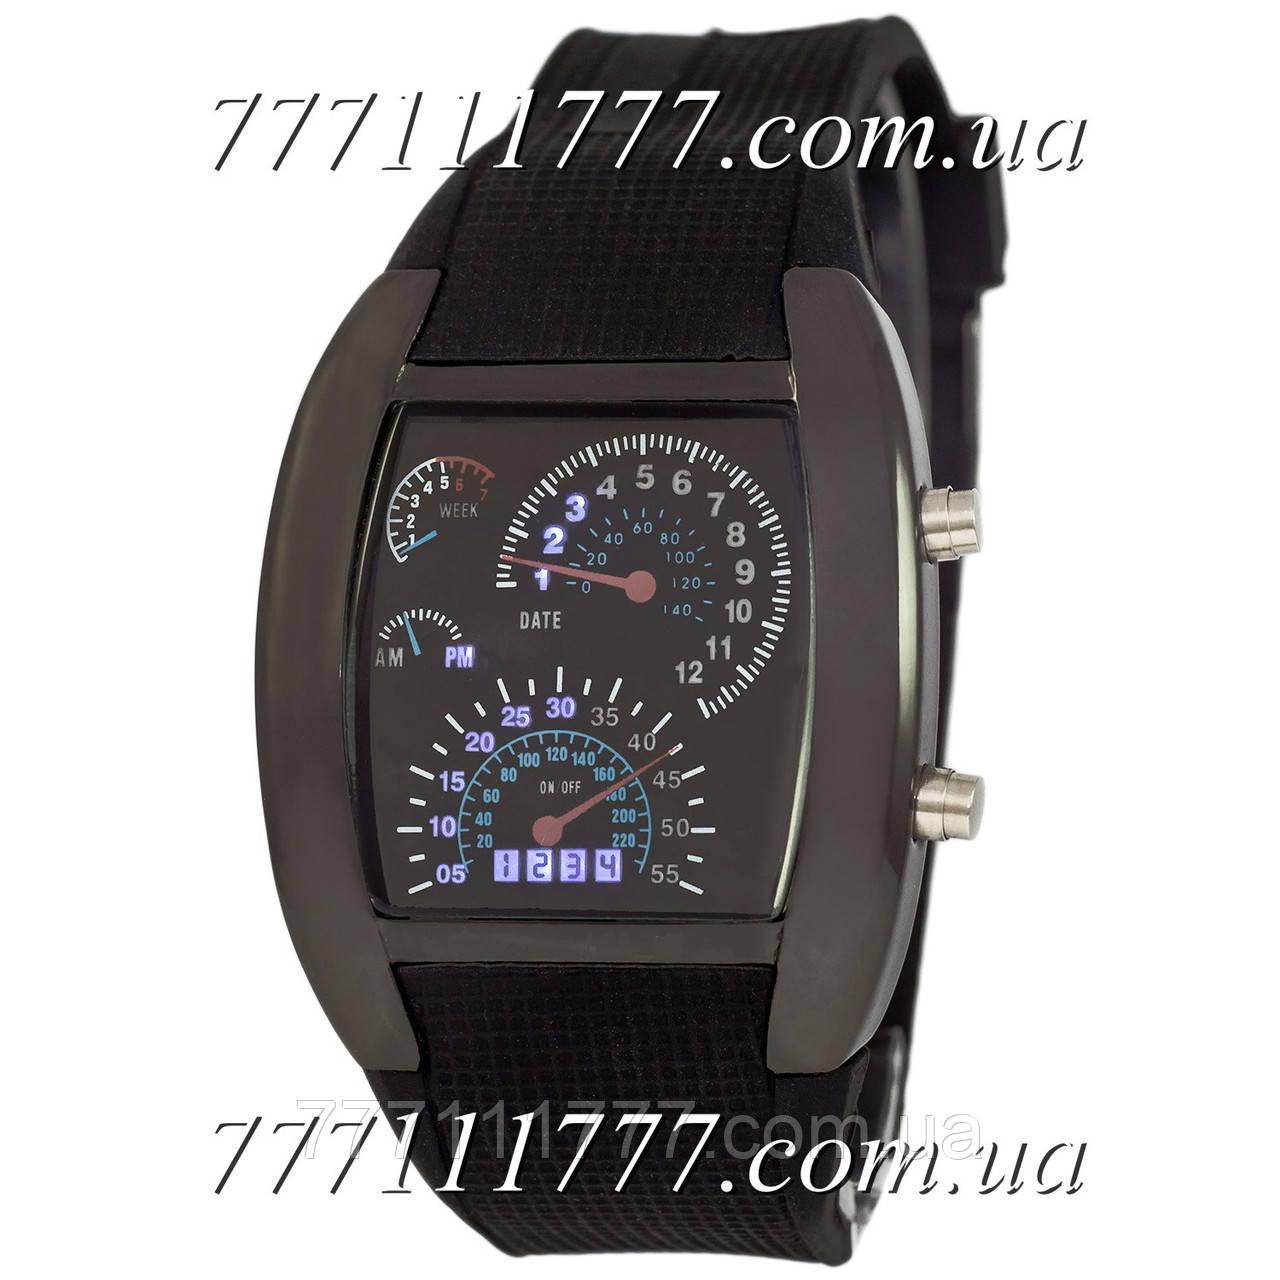 965c4480 Часы мужские наручные Спидометр Led Street Racer All Black: продажа ...